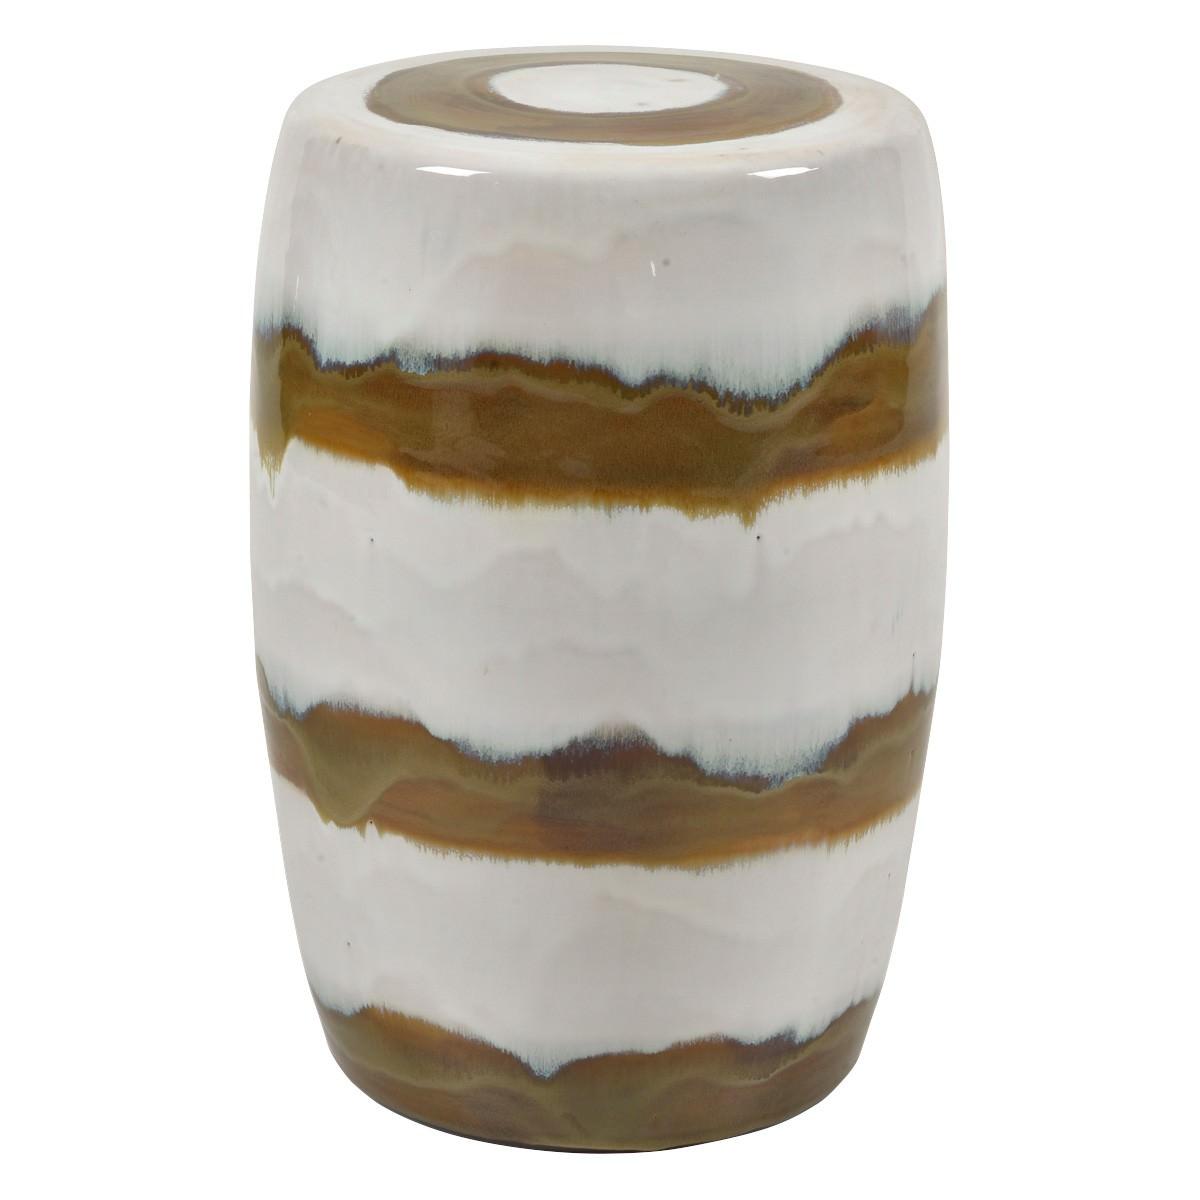 Arizona Ceramic Drum Stool